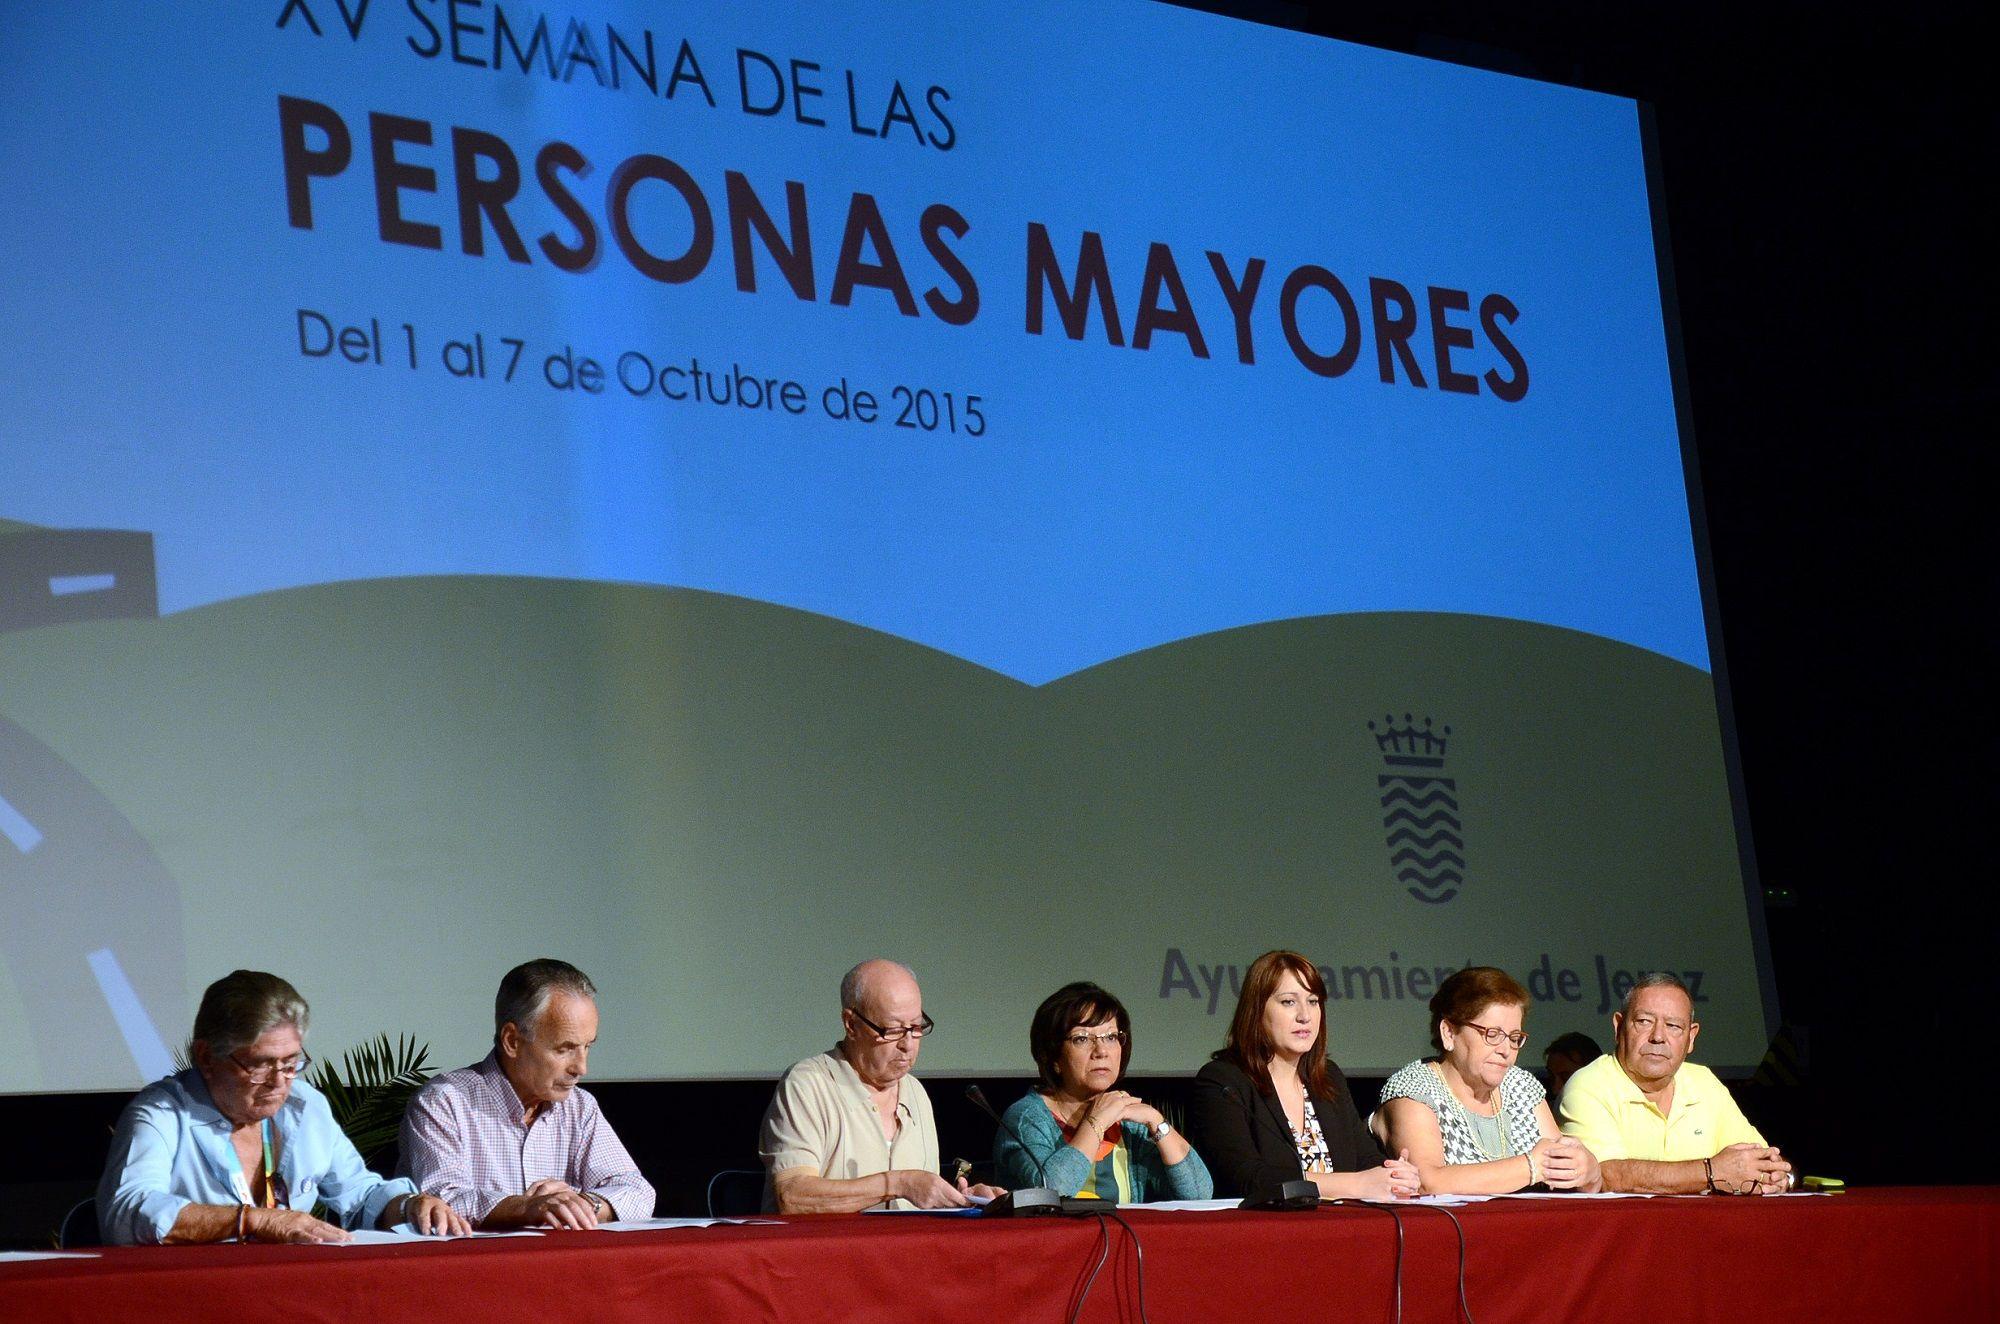 Ponentes en la XV Semana de las Personas Mayores.